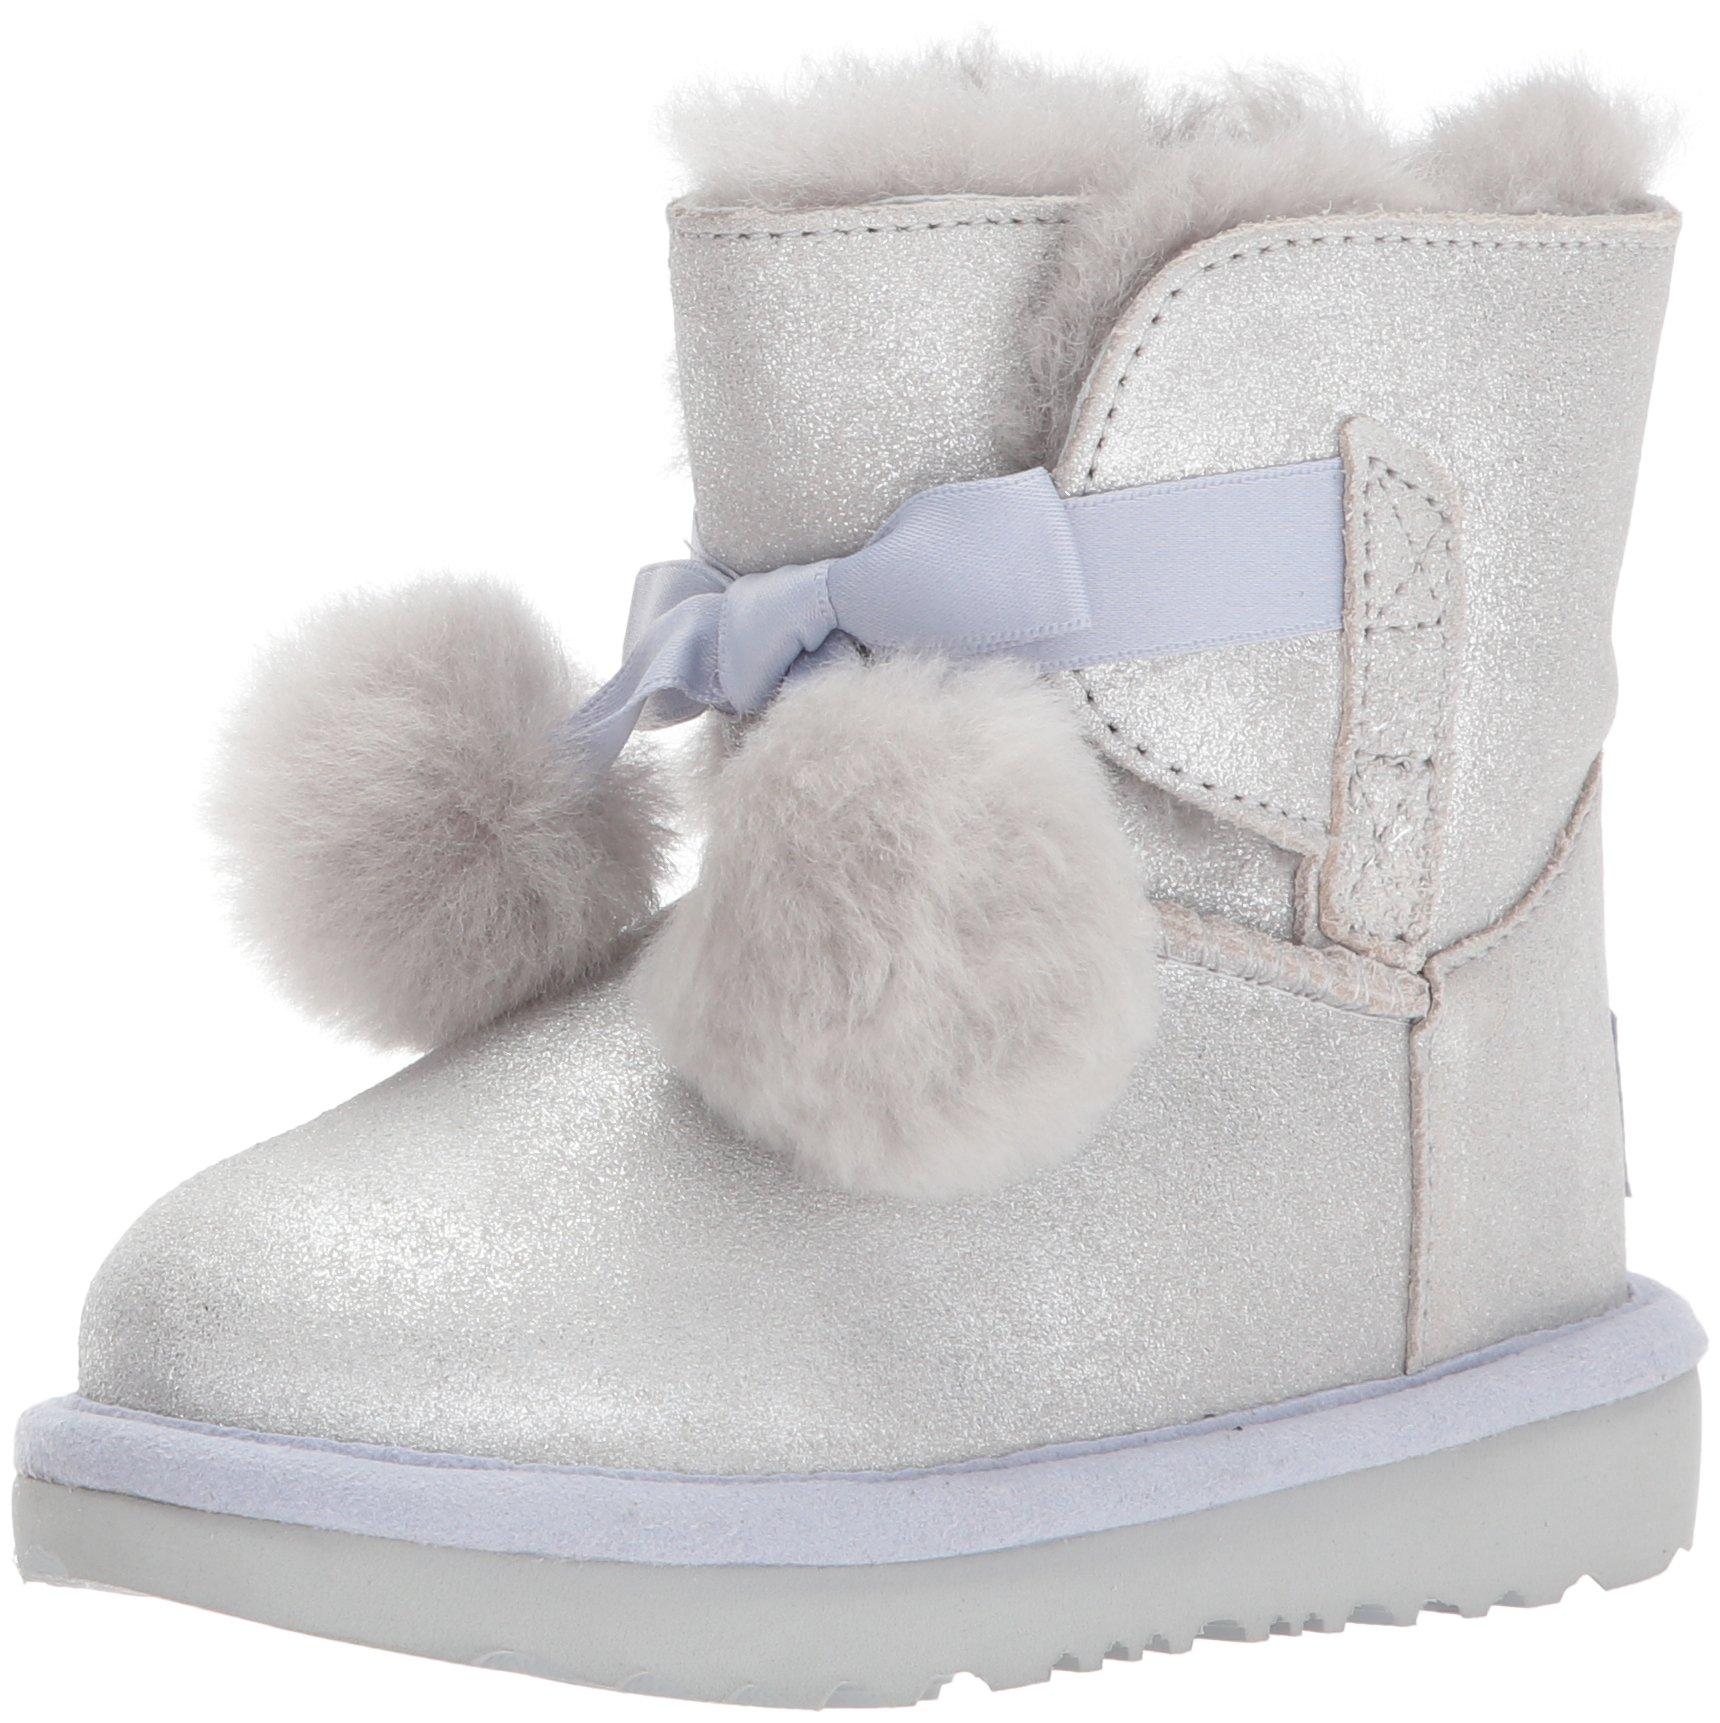 UGG Girls T Gita Metallic Pull-On Boot, Silver, 6 M US Toddler